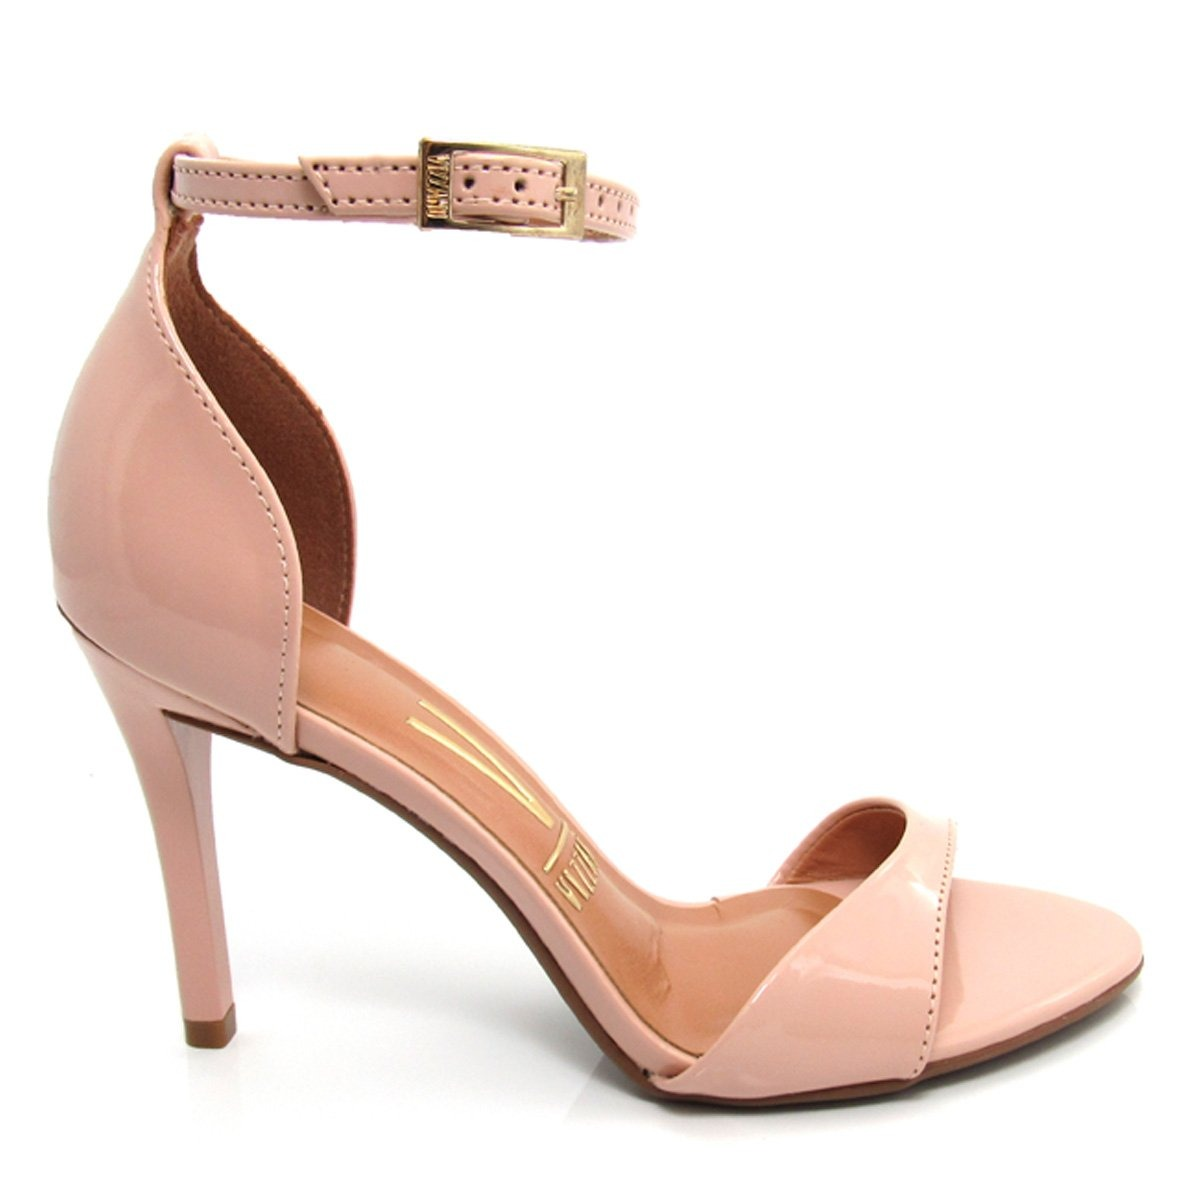 03ac8ad27d sandália vizzano salto fino feminina 6306106 verniz nude. Carregando zoom.